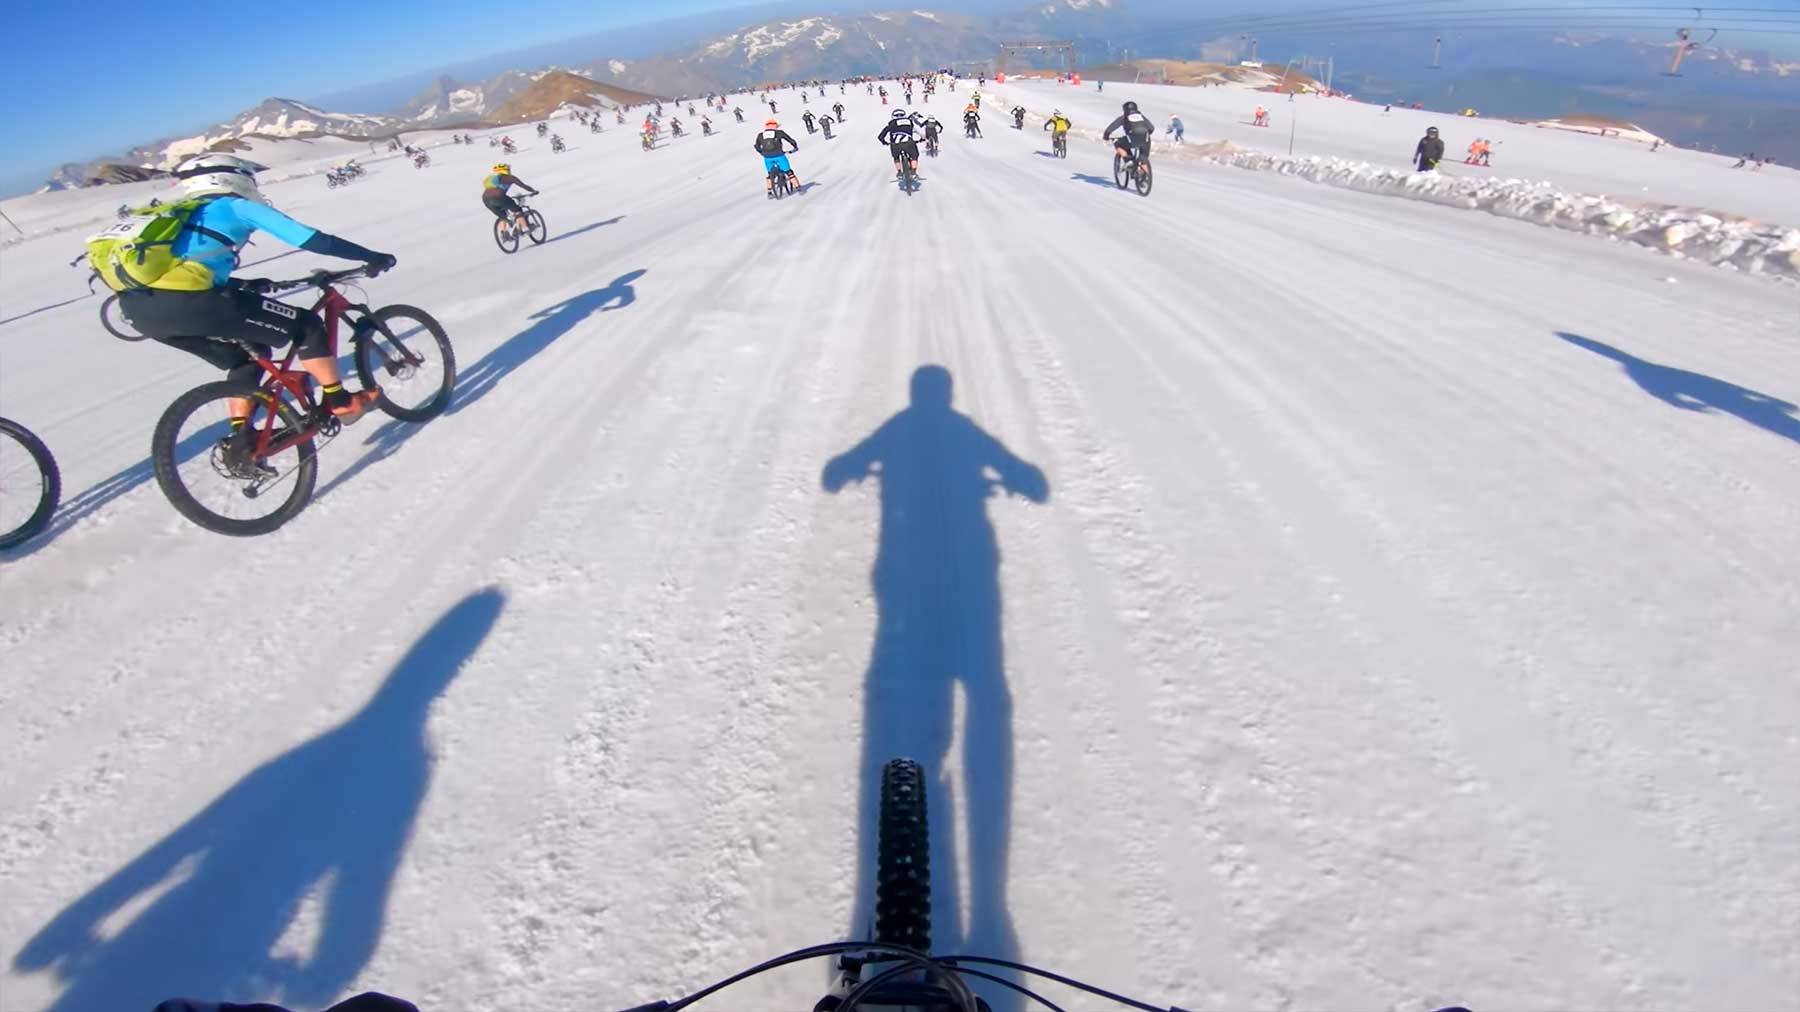 Mountainbike-Rennen: Als 1.000 starten und gewinnen mountainbike-rennen-pov-lange